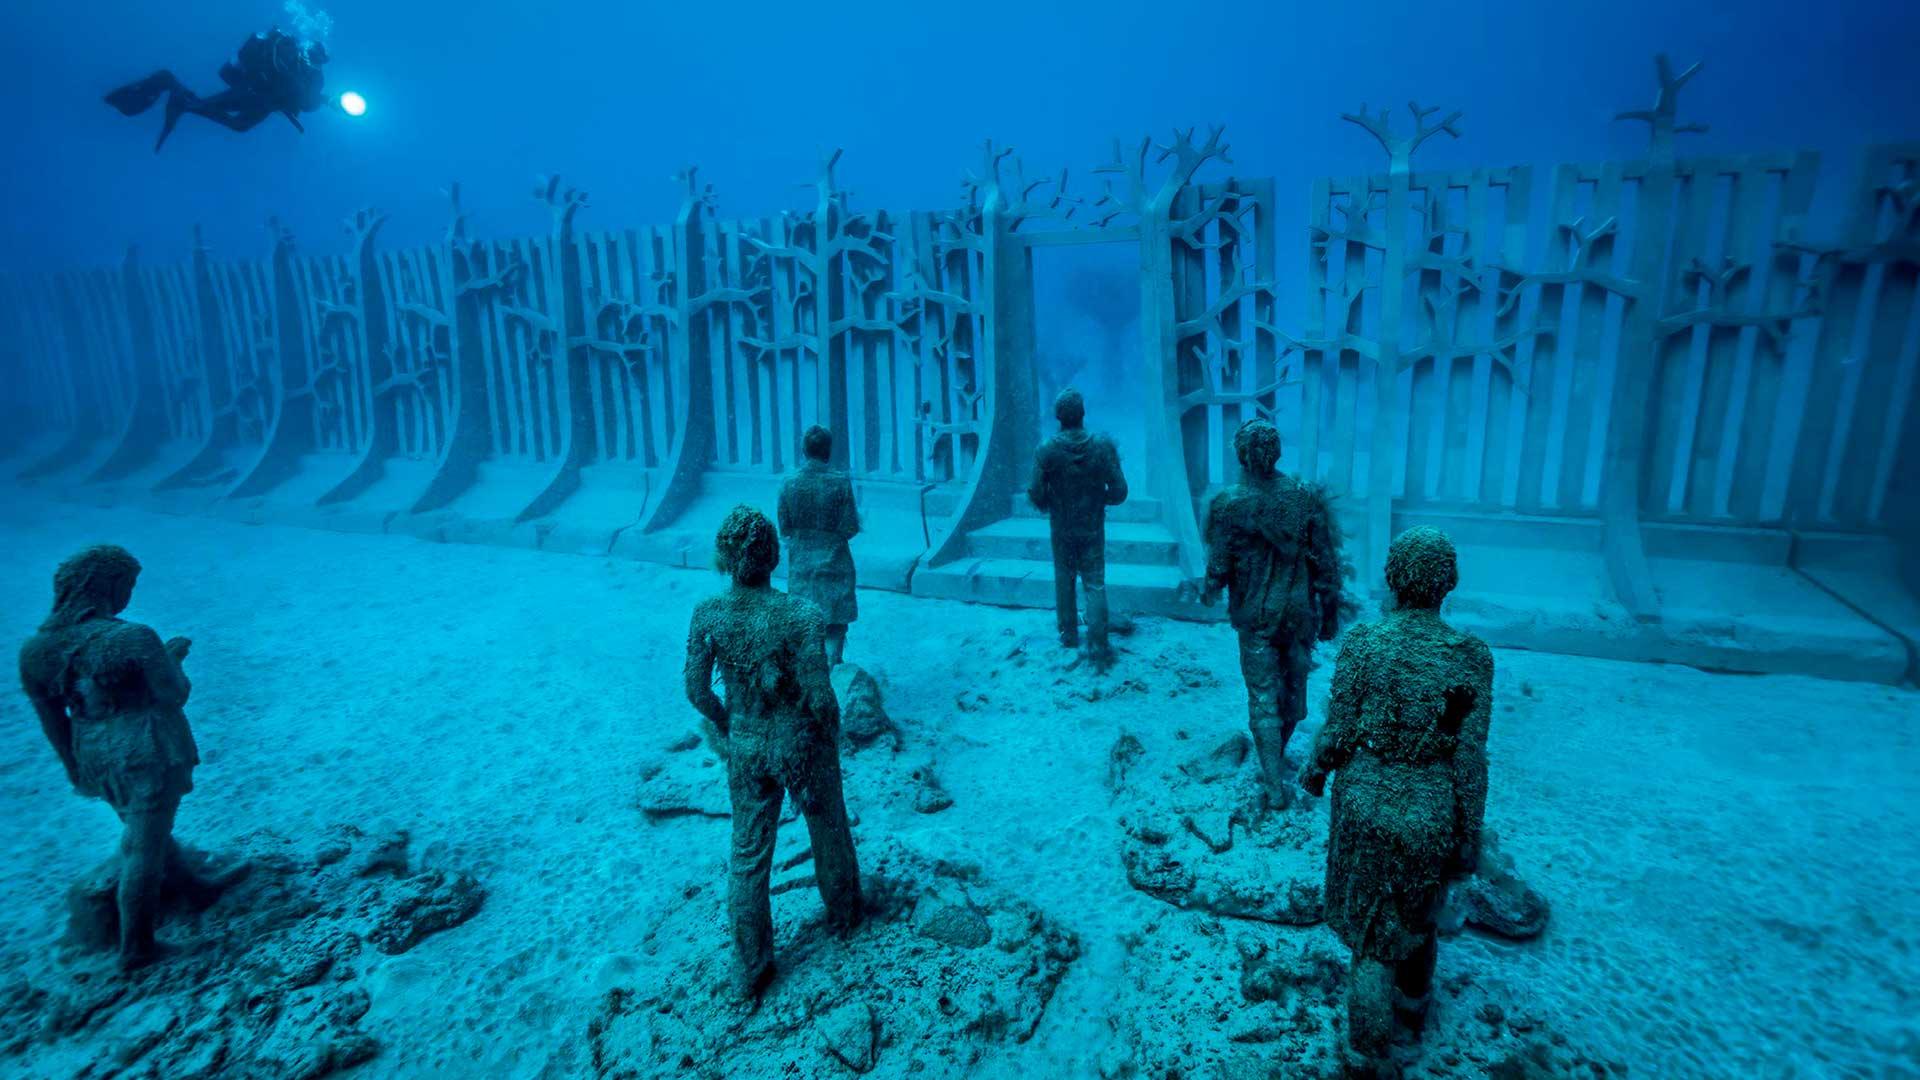 imagem-destacada-conheca-o-primeiro-museu-de-arte-subaquatico-do-mundo